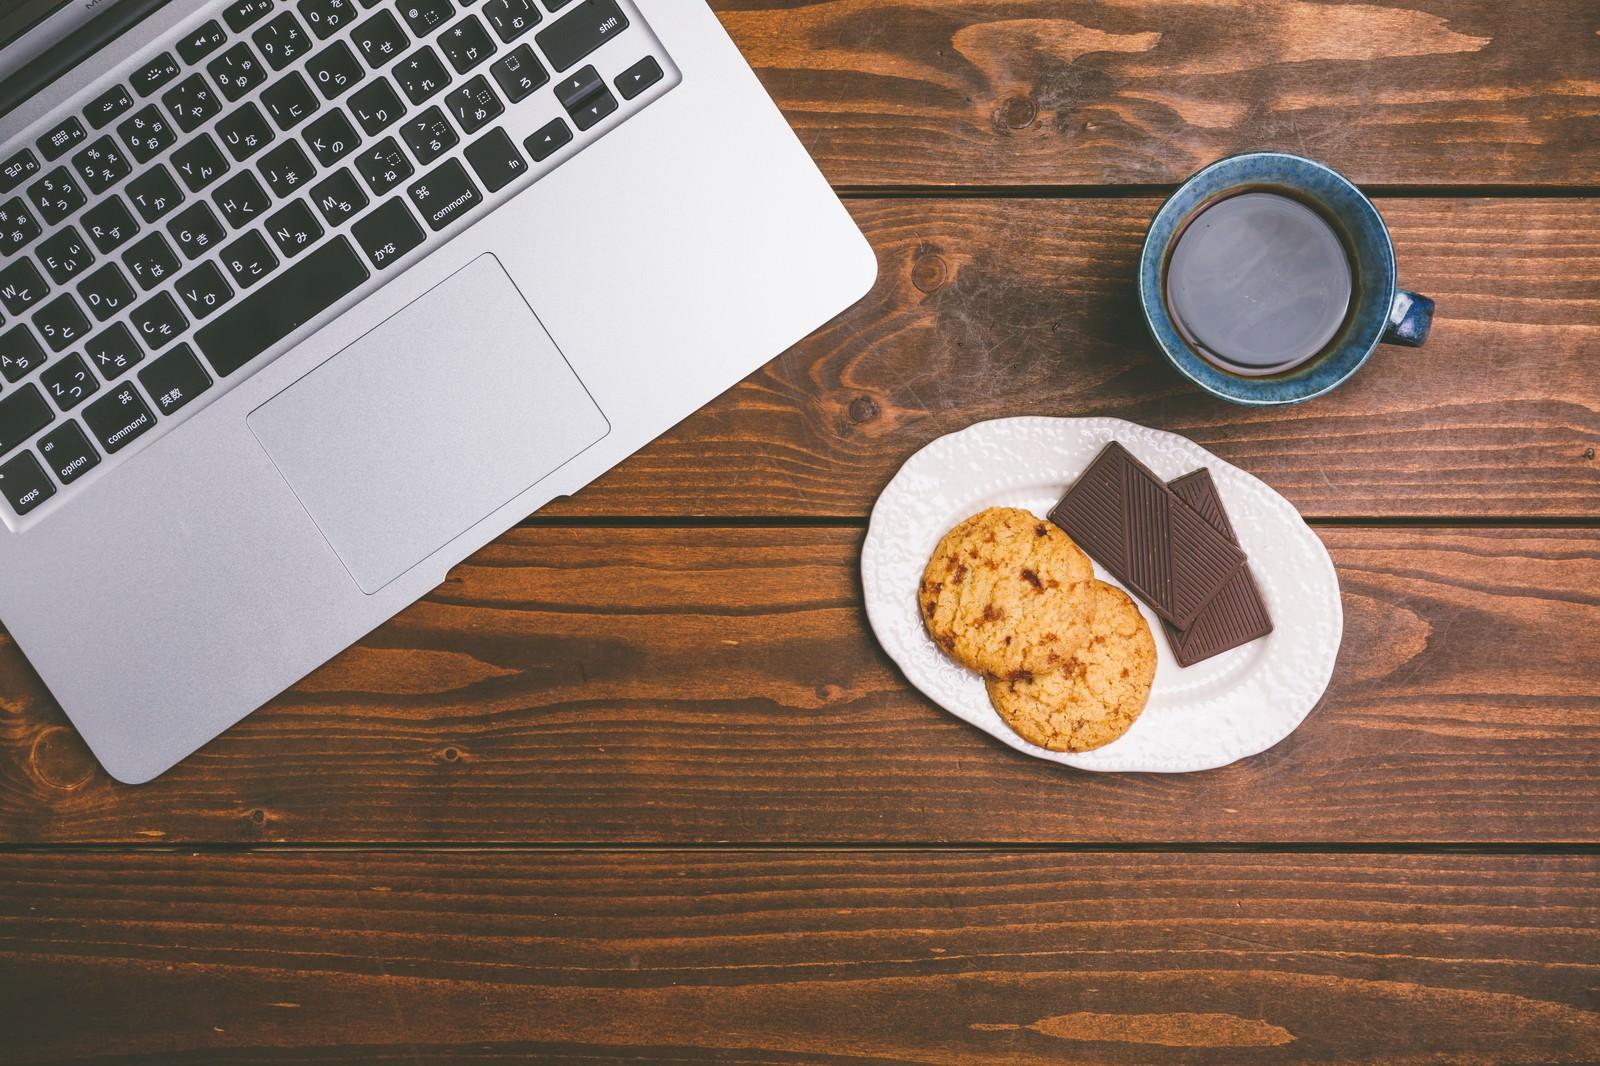 「ノートパソコンで仕事したらコーヒーとお菓子でブレイクタイム」の写真